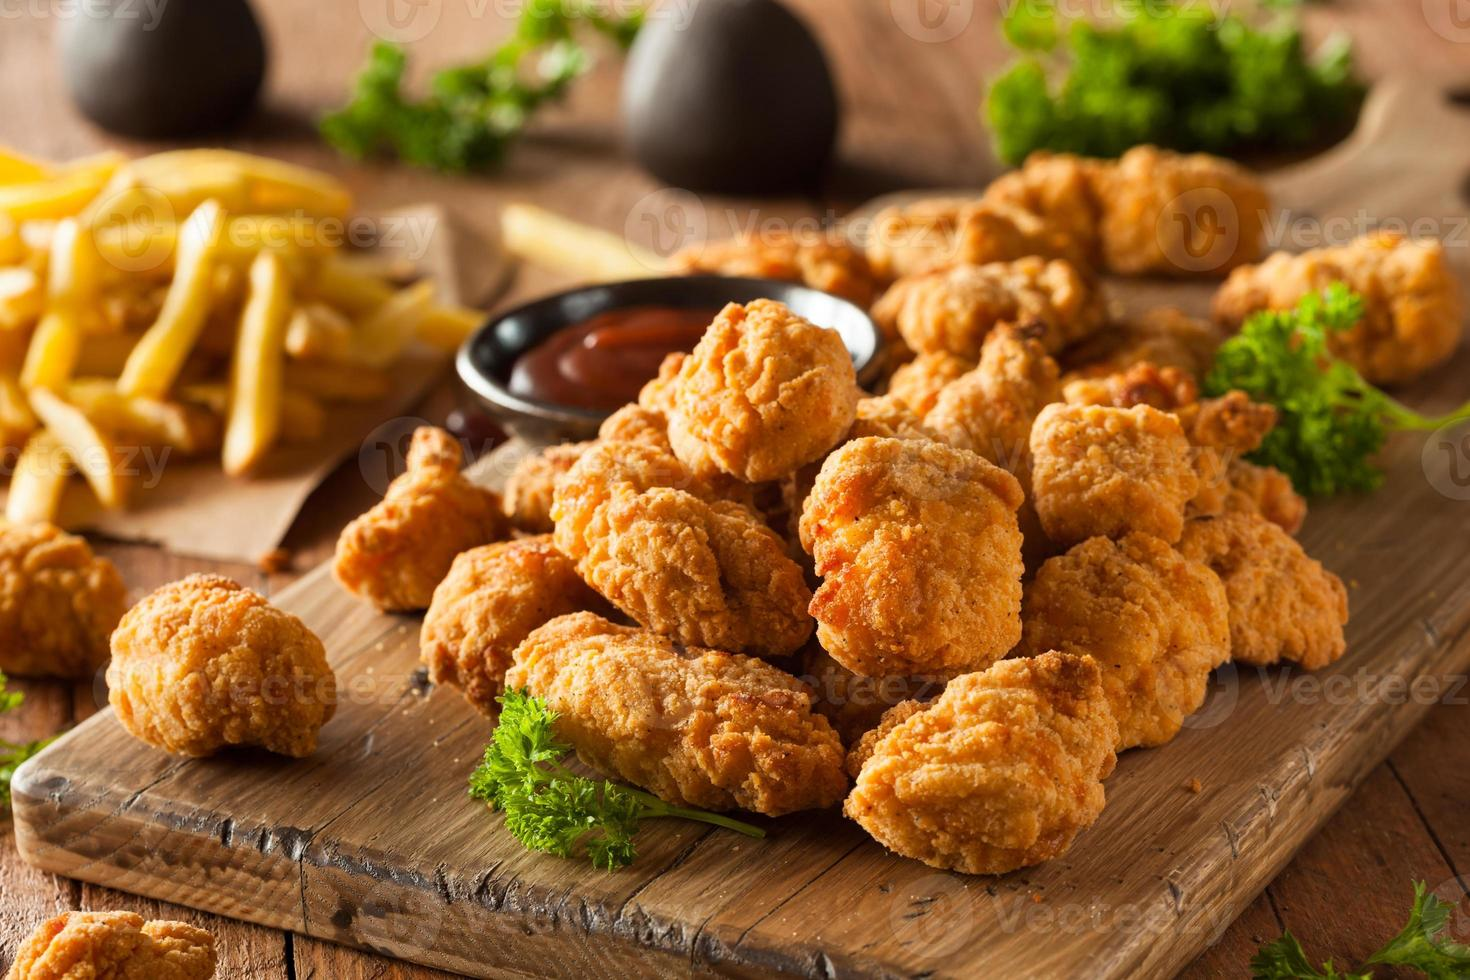 poulet pop-corn croustillant fait maison servi avec frites photo